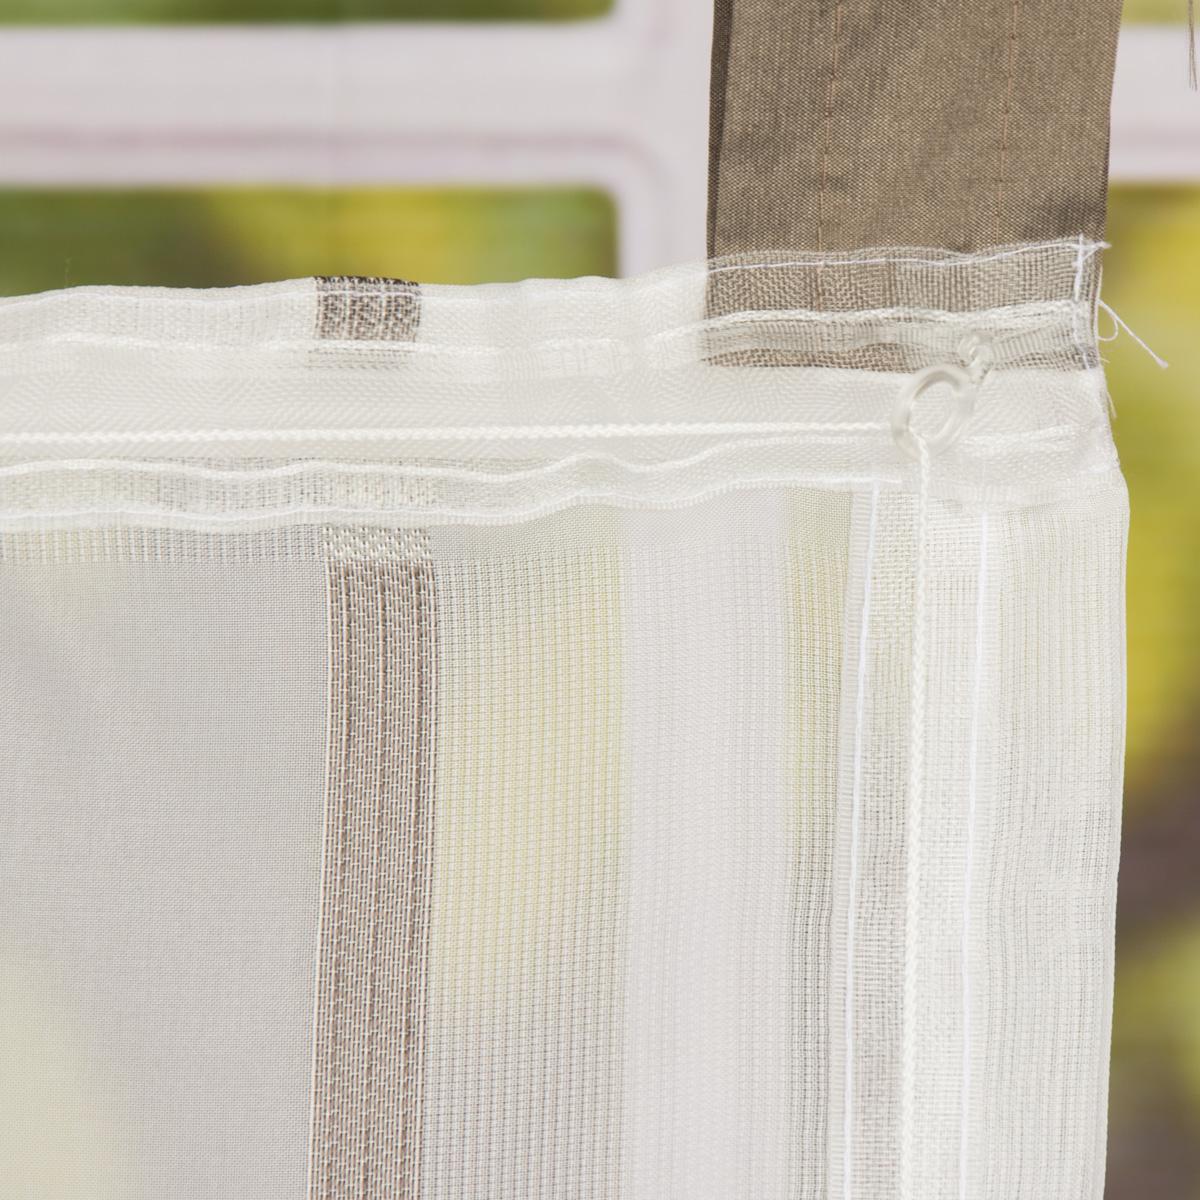 raffrollo rollo schlaufen wei transparent mit braunen streifen 80x140cm gardinen fertiggardinen. Black Bedroom Furniture Sets. Home Design Ideas